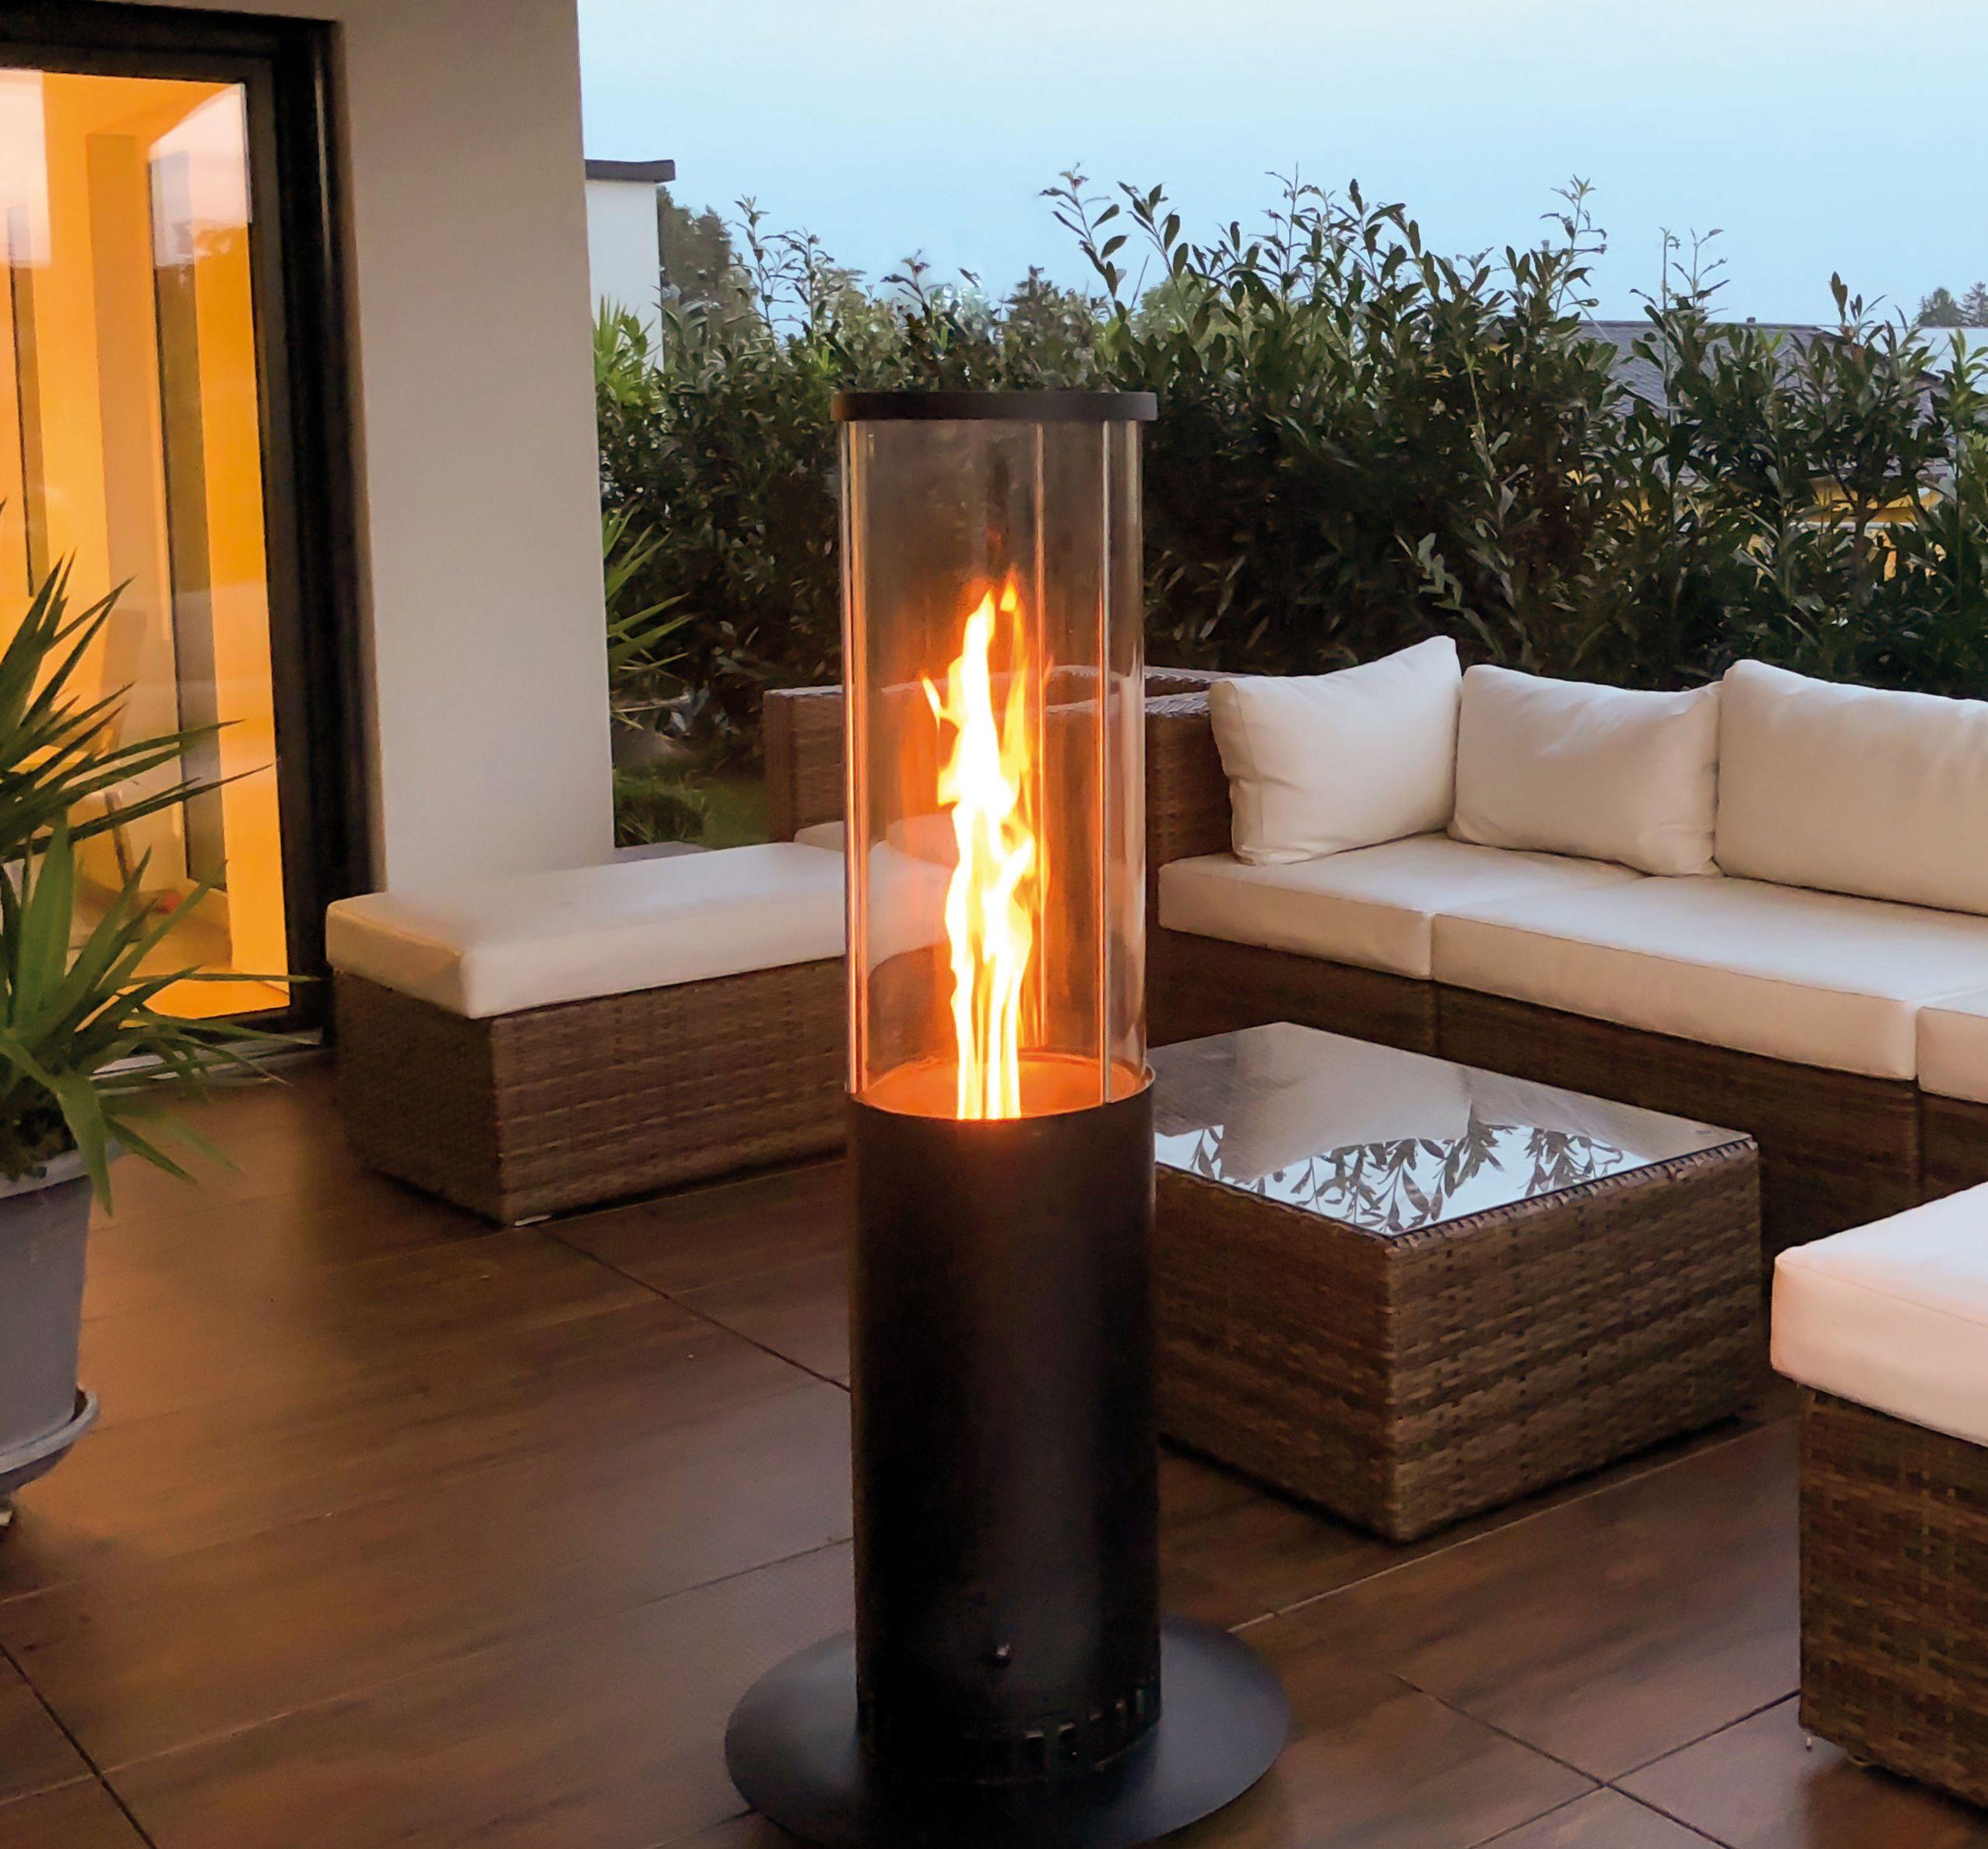 Faia Das Rauchfreie Ambientefeuer Schone Terrasse Terassenideen Terrasse